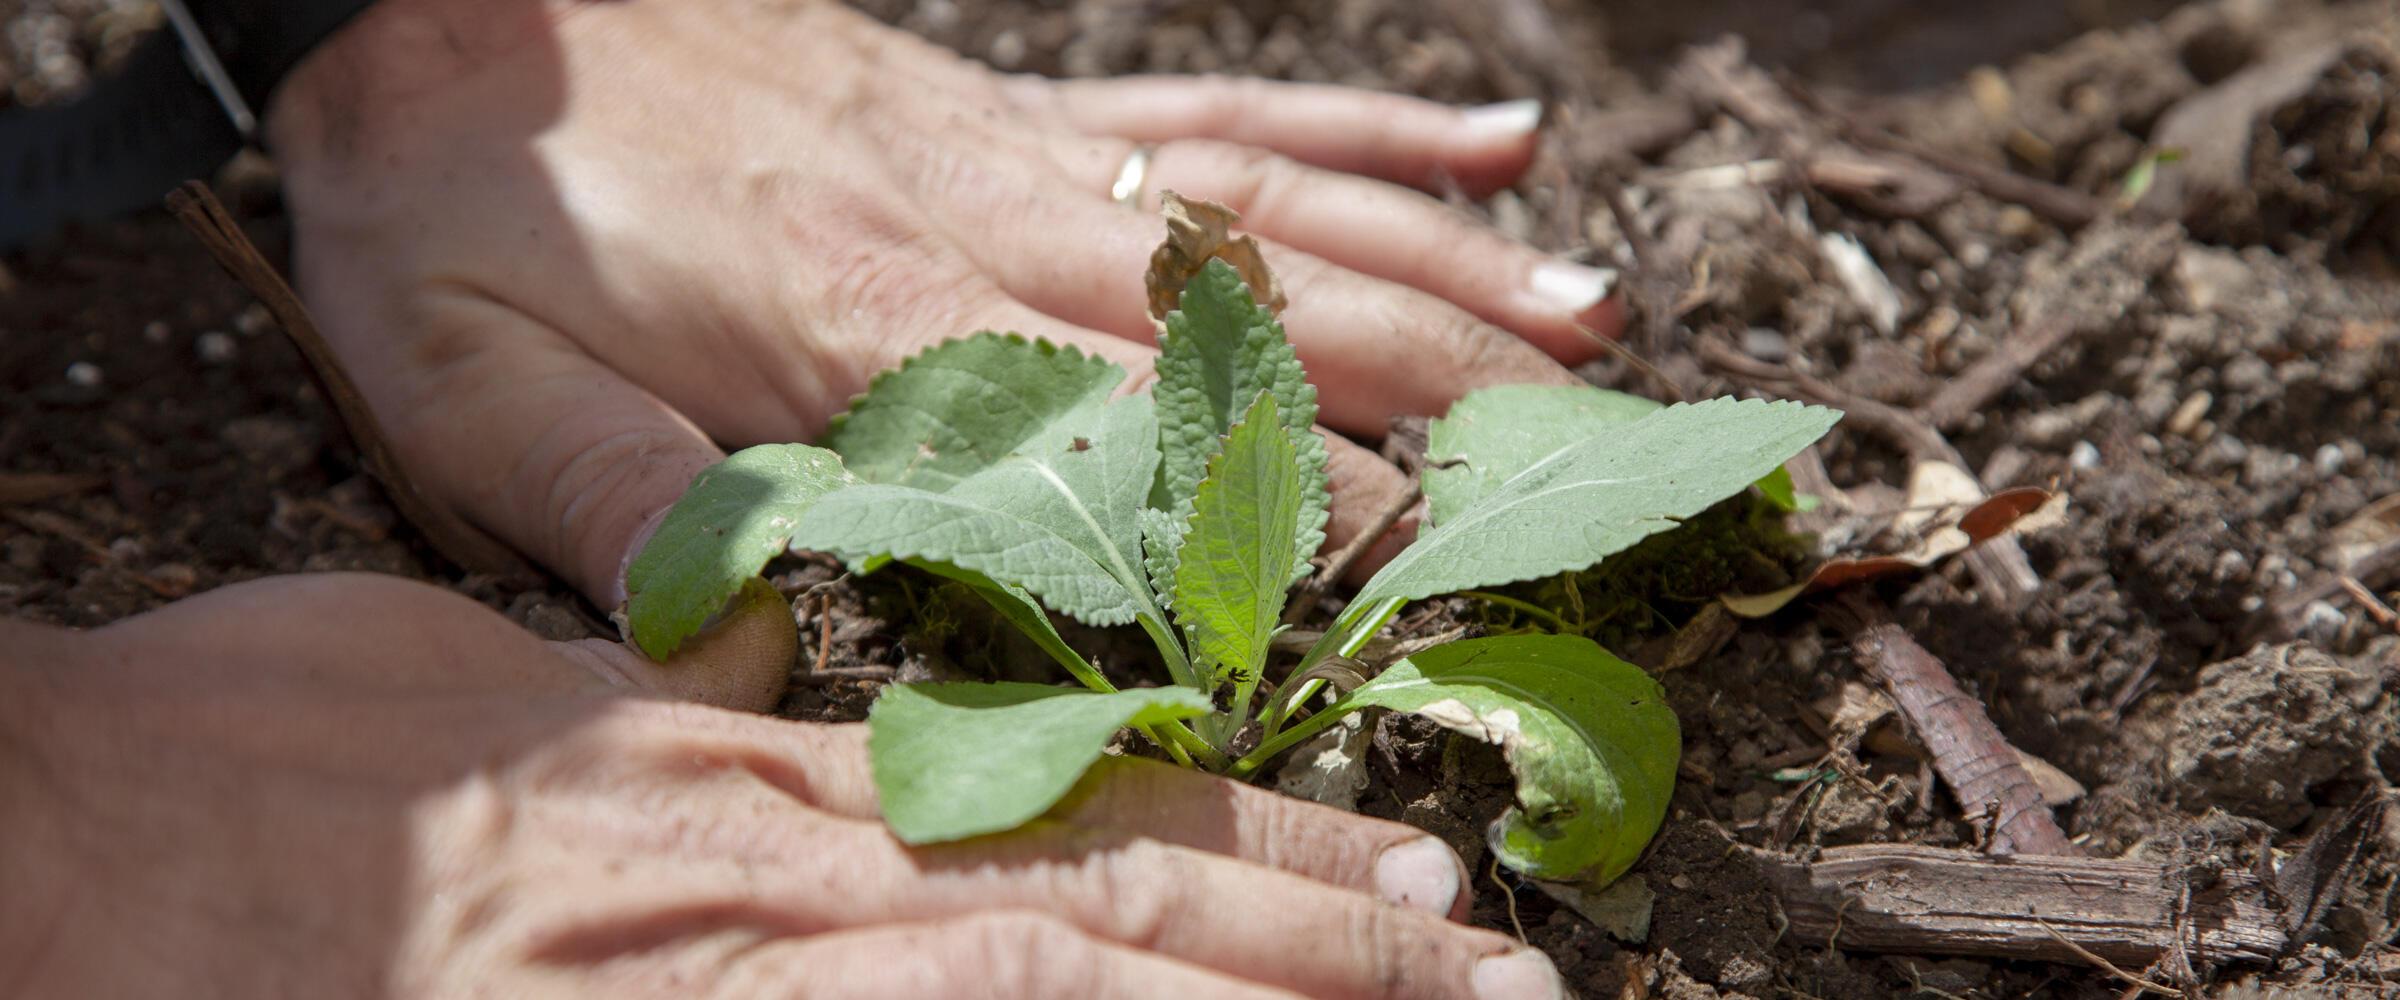 Habitat Hero planting